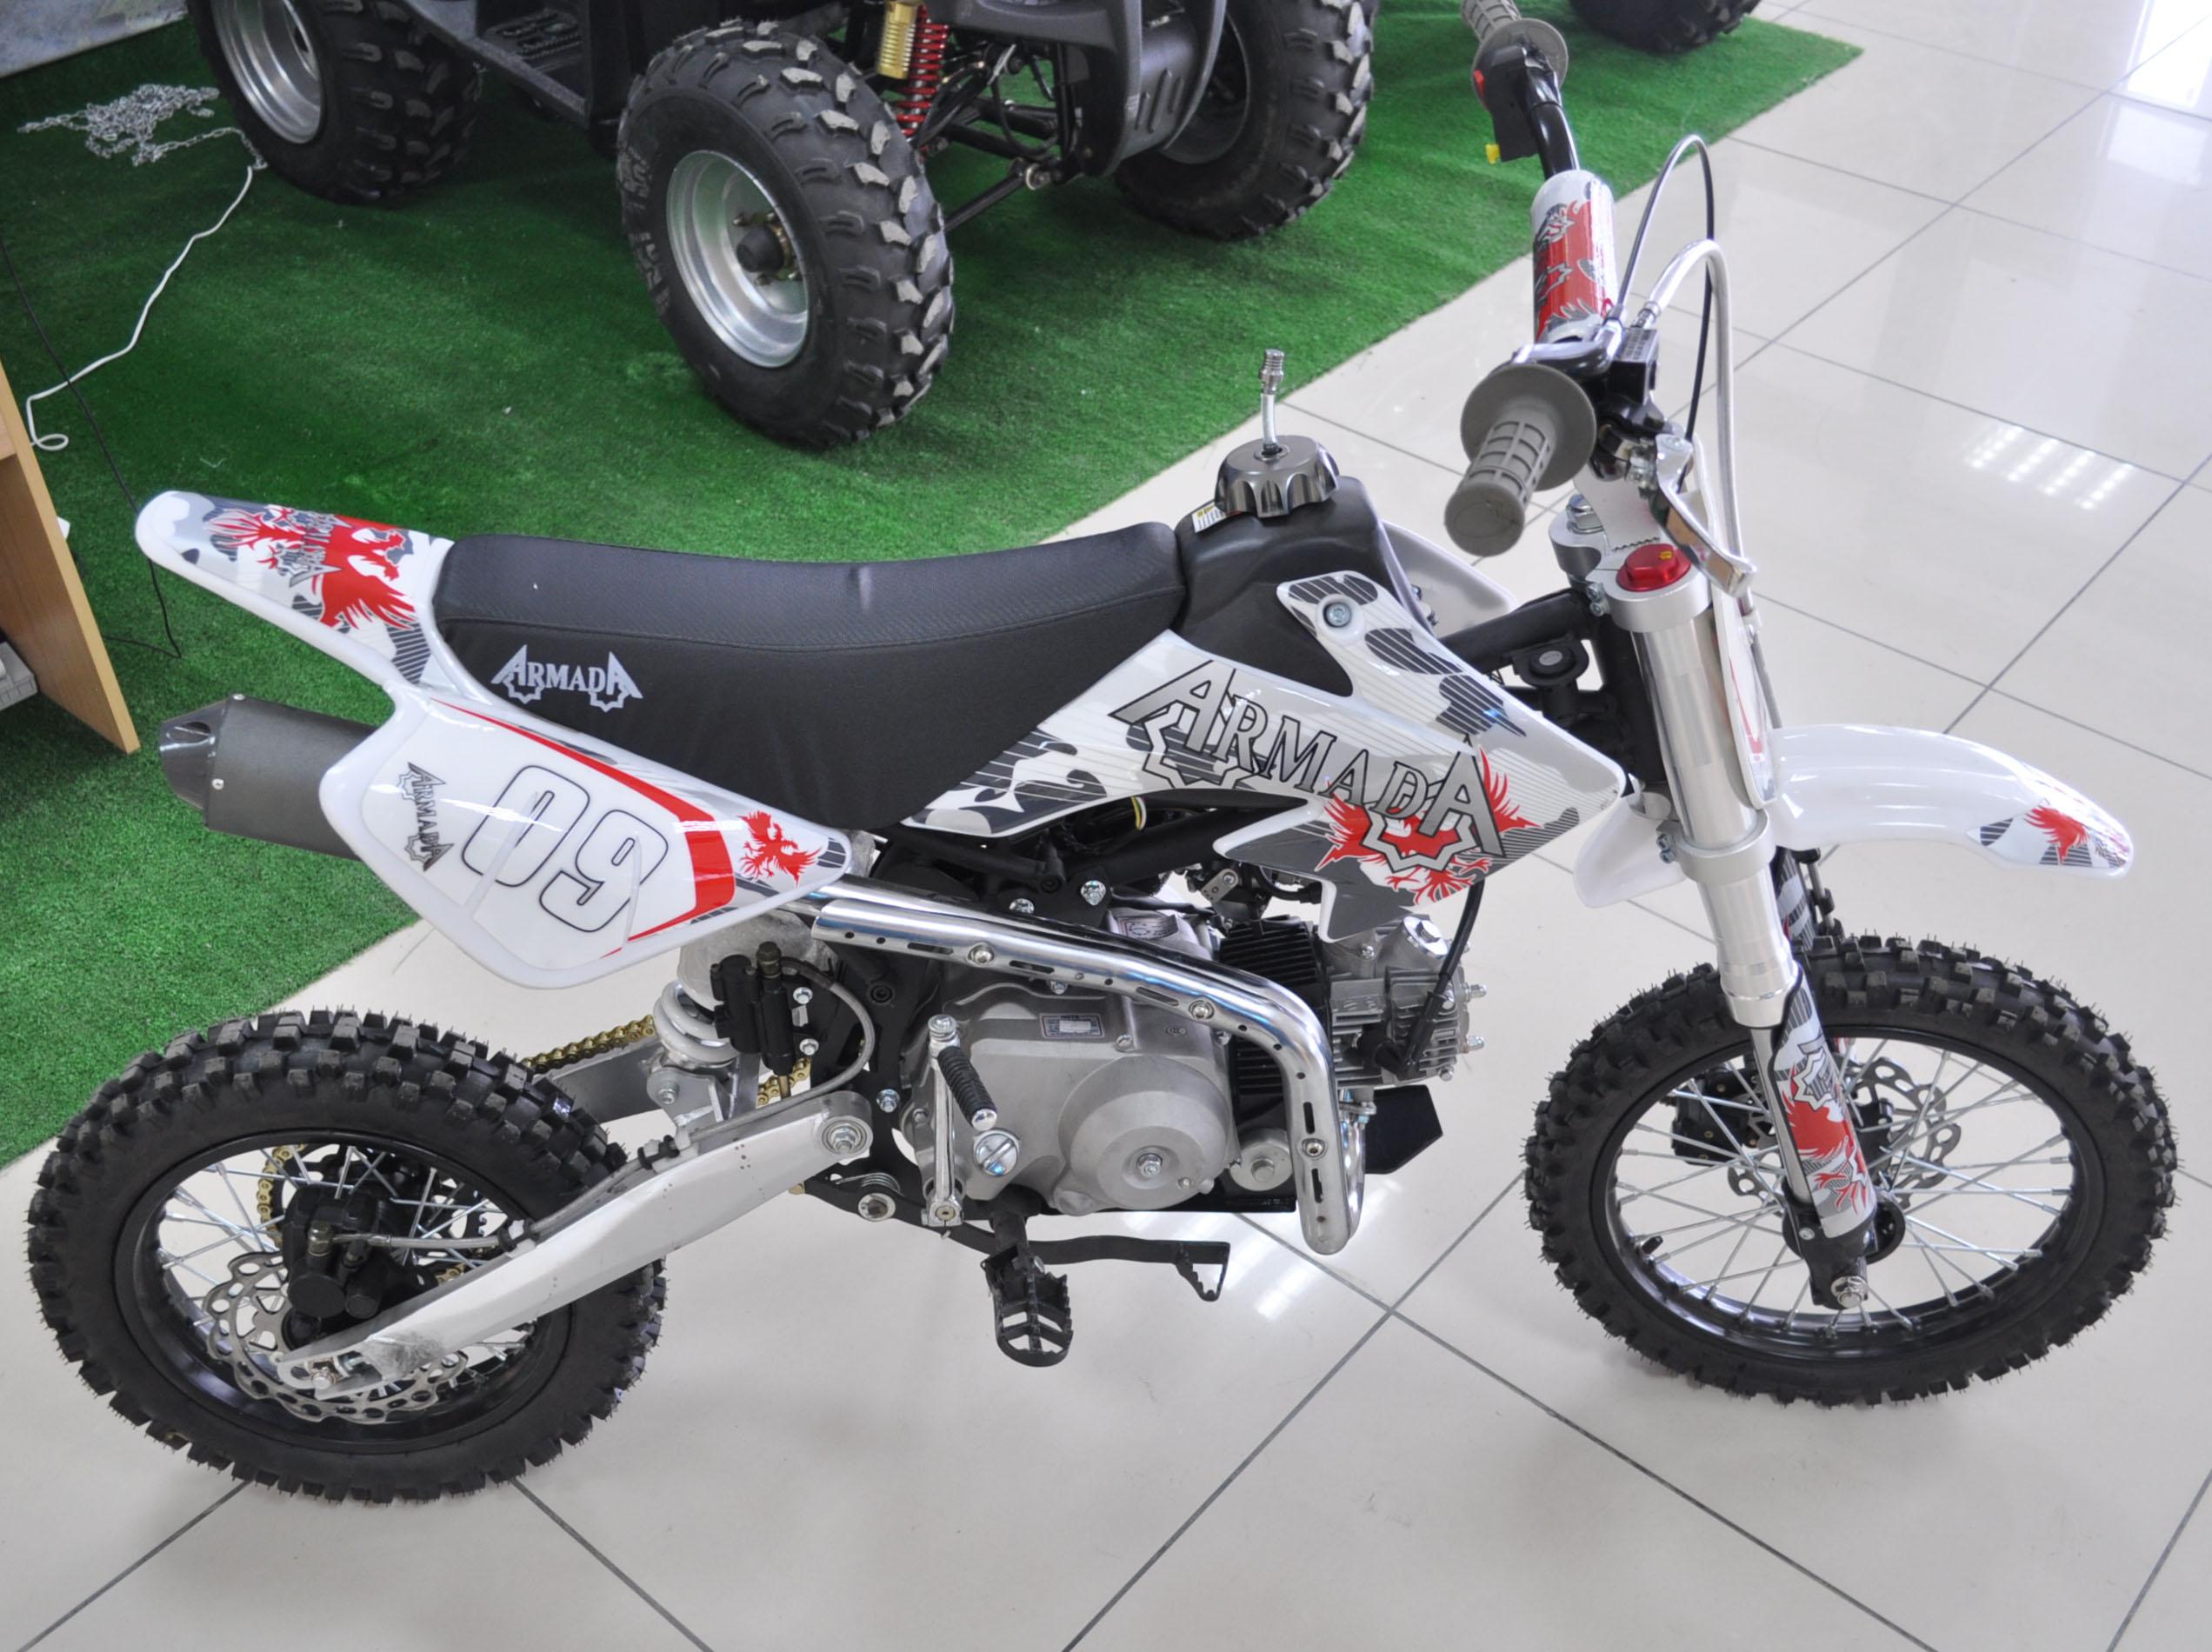 Мини-мотоцикл питбайк armada pb110a